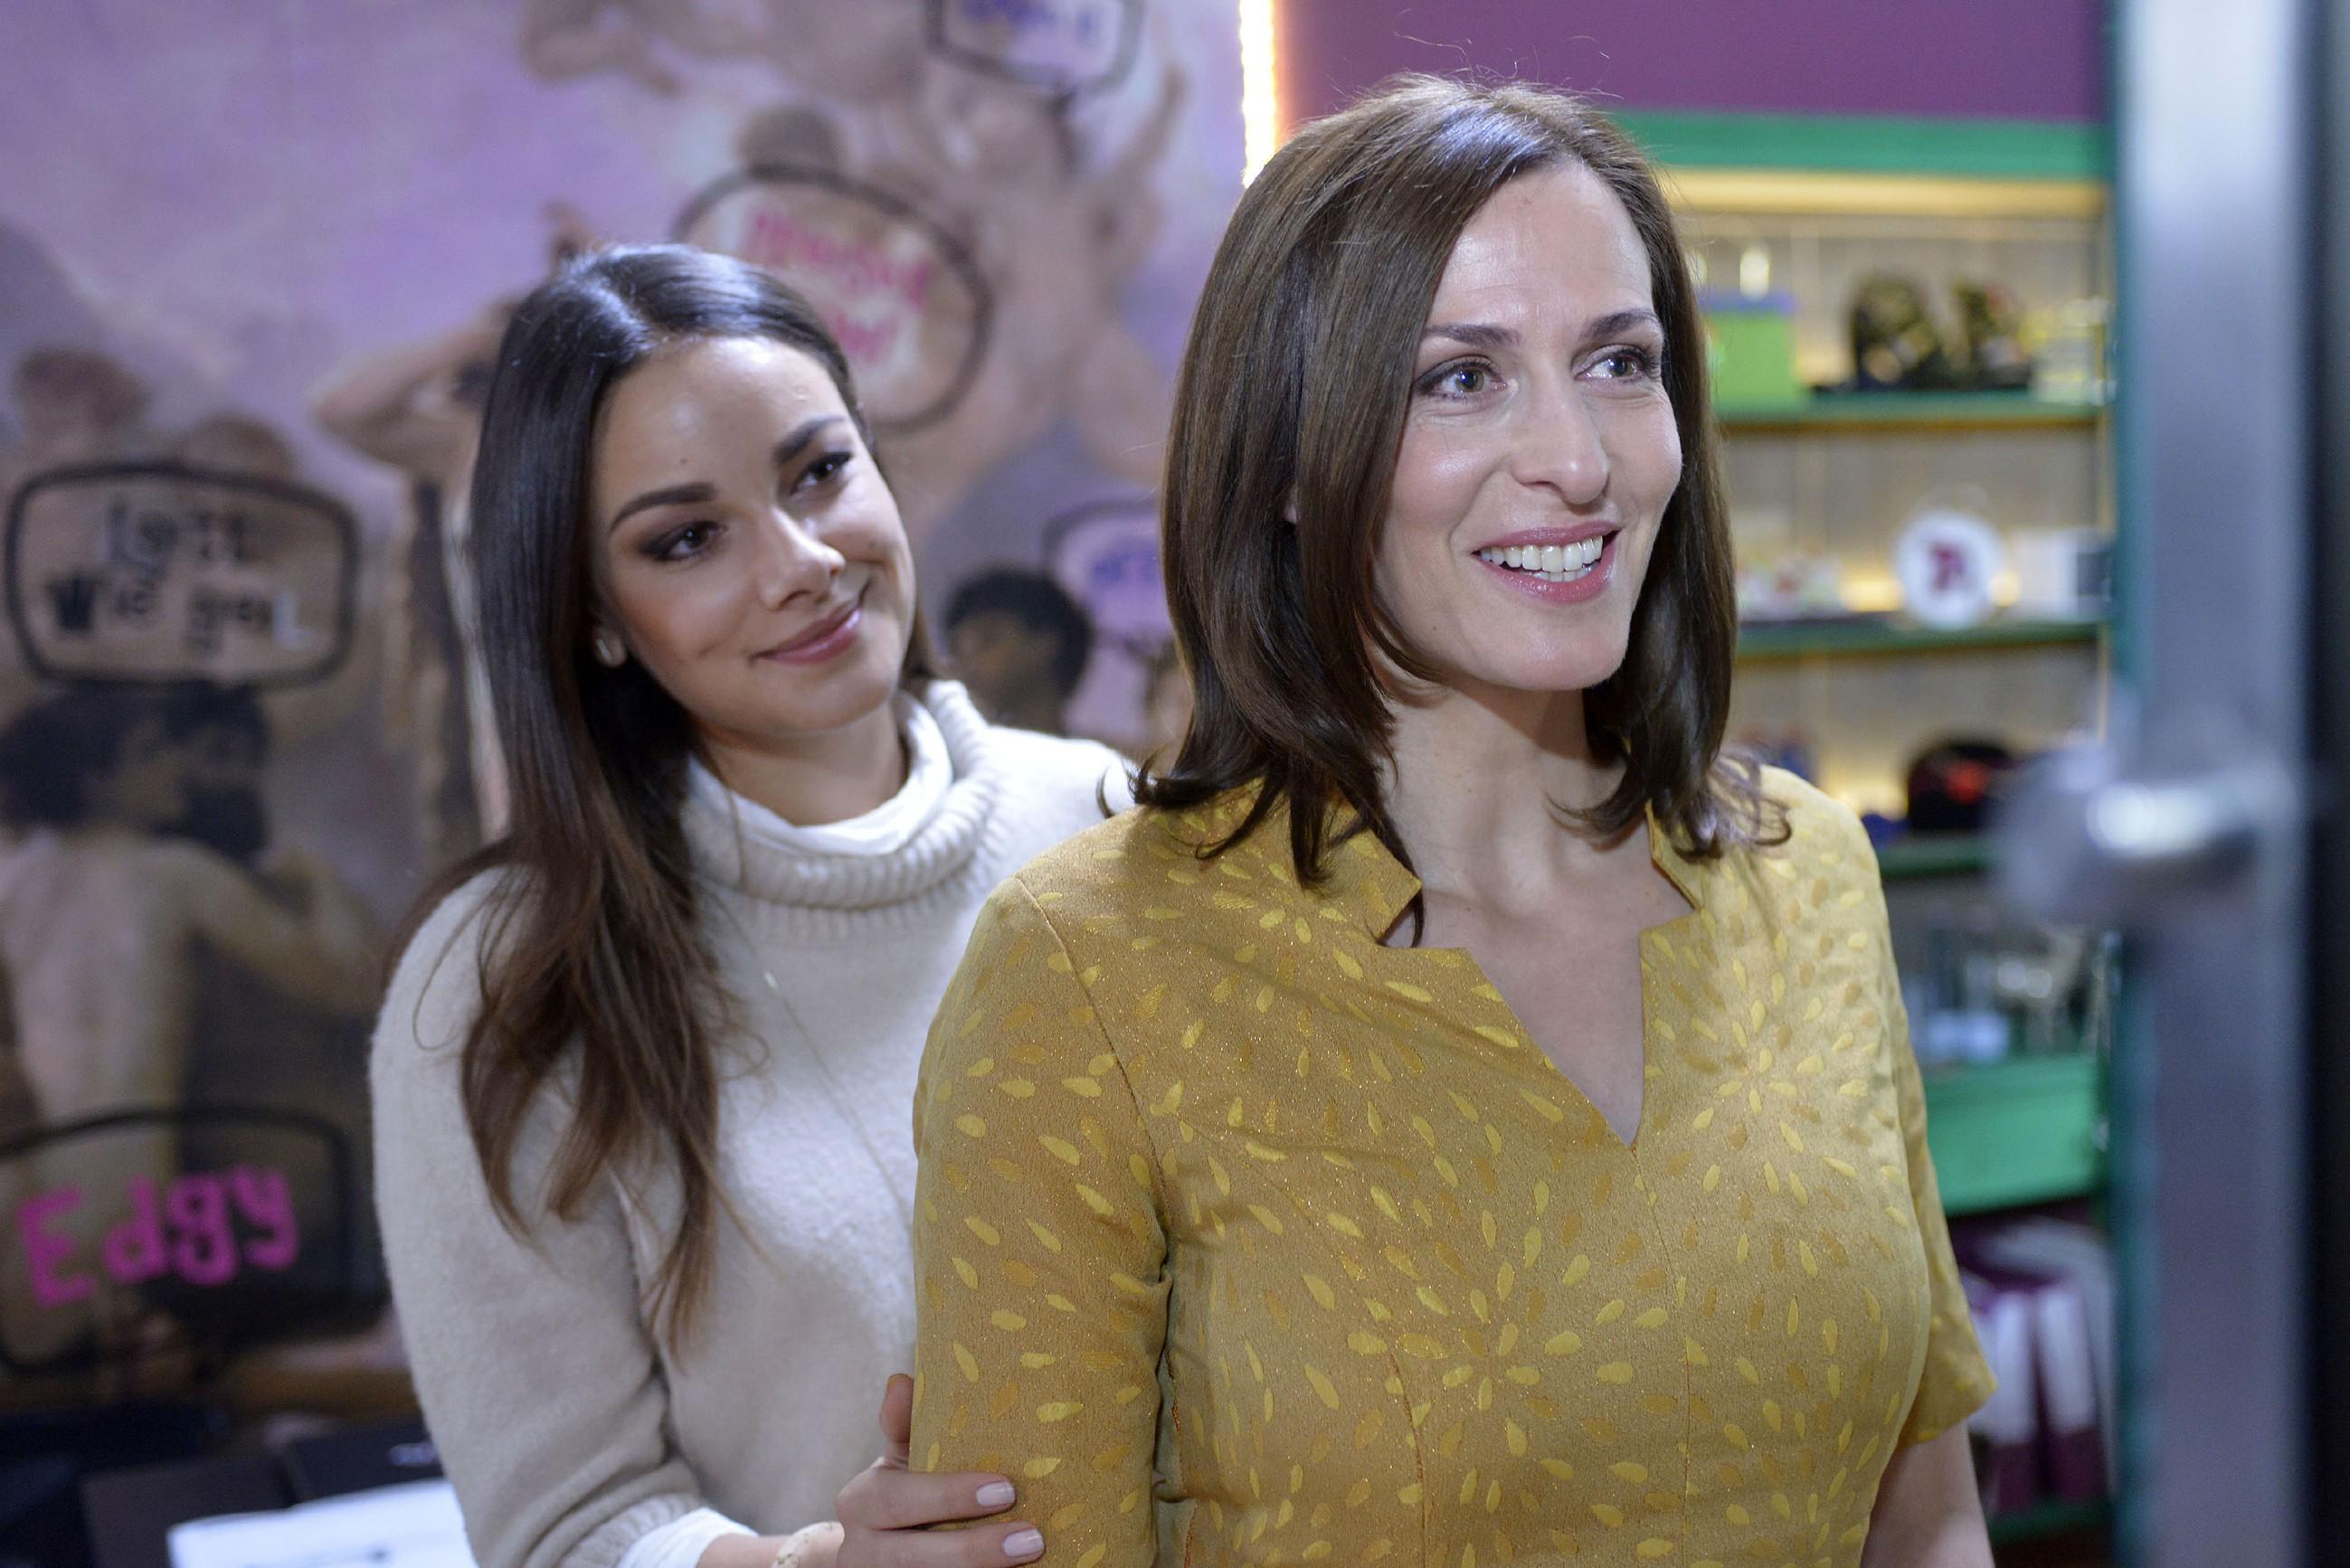 Katrin (Ulrike Frank, r.) ist berührt, wie sehr Jasmin (Janina Uhse) hinter Katrins Entscheidung für Till steht. (Quelle: RTL / Rolf Baumgartner)